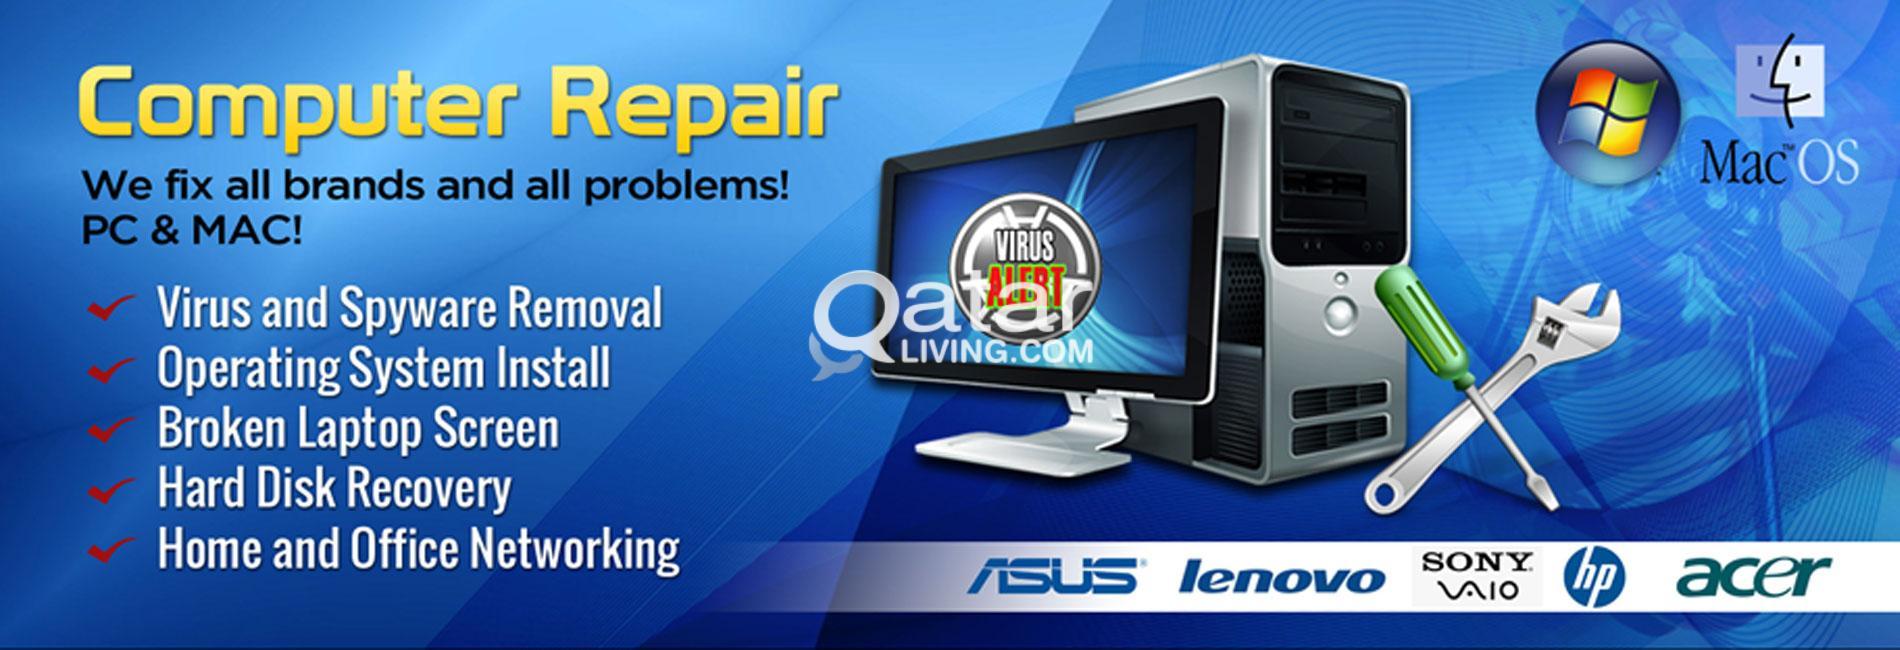 PC/Laptop repair windows software auto cad/revit 2016